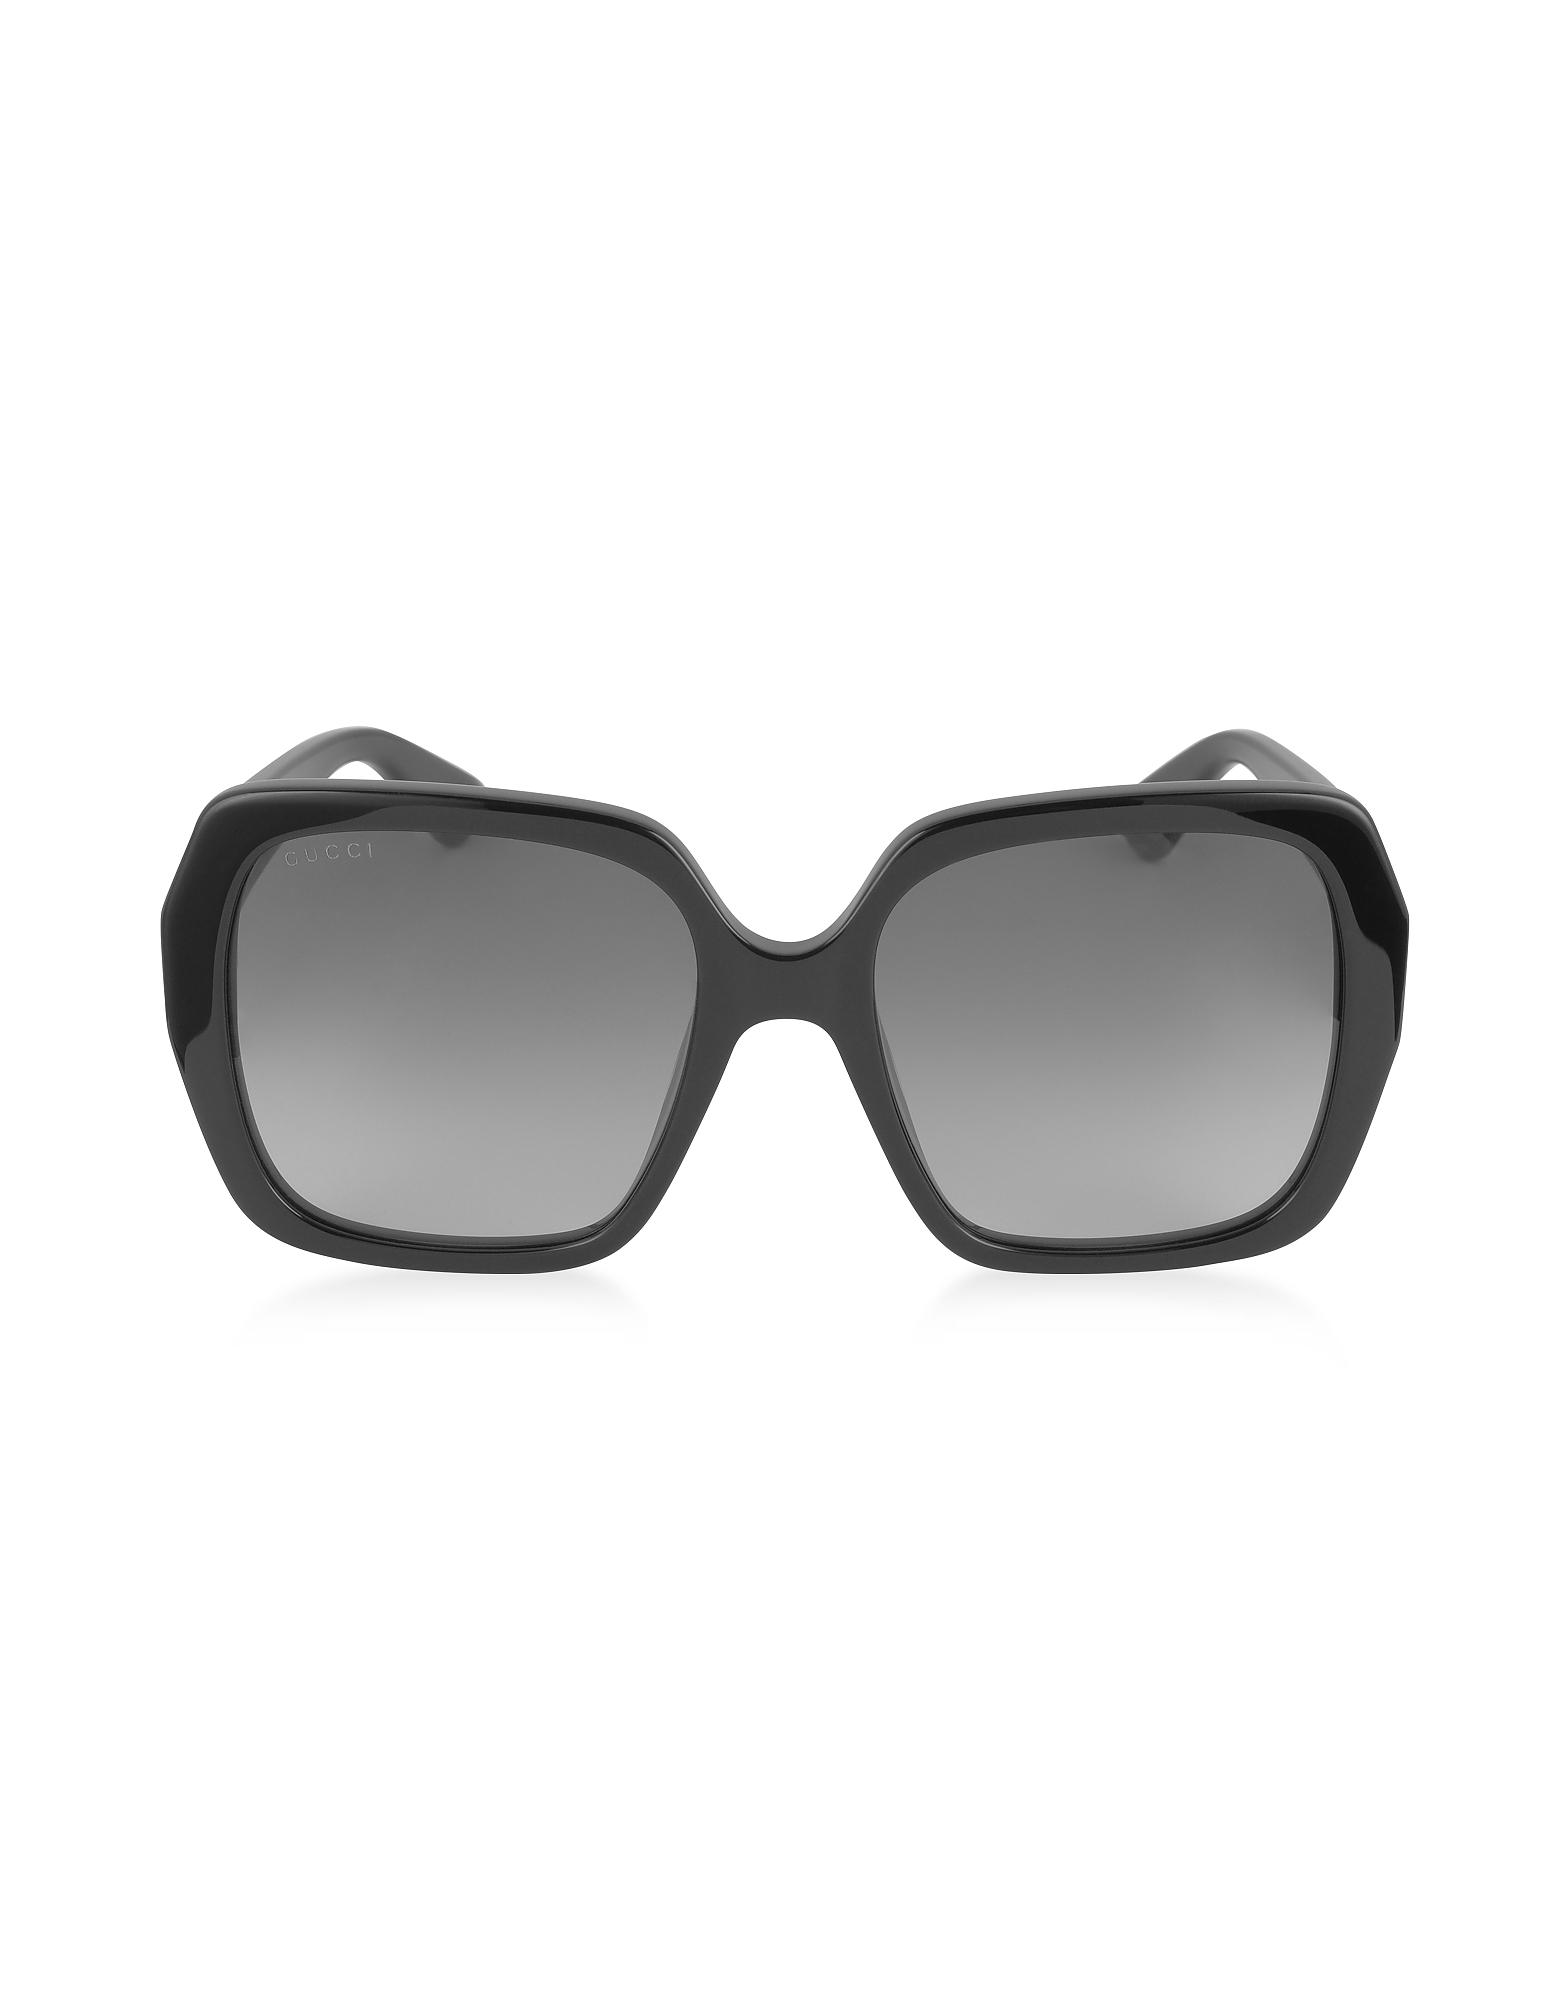 Фото GG0053S 001 - Черные Квадратные Женские Солнечные Очки из Ацетата. Купить с доставкой